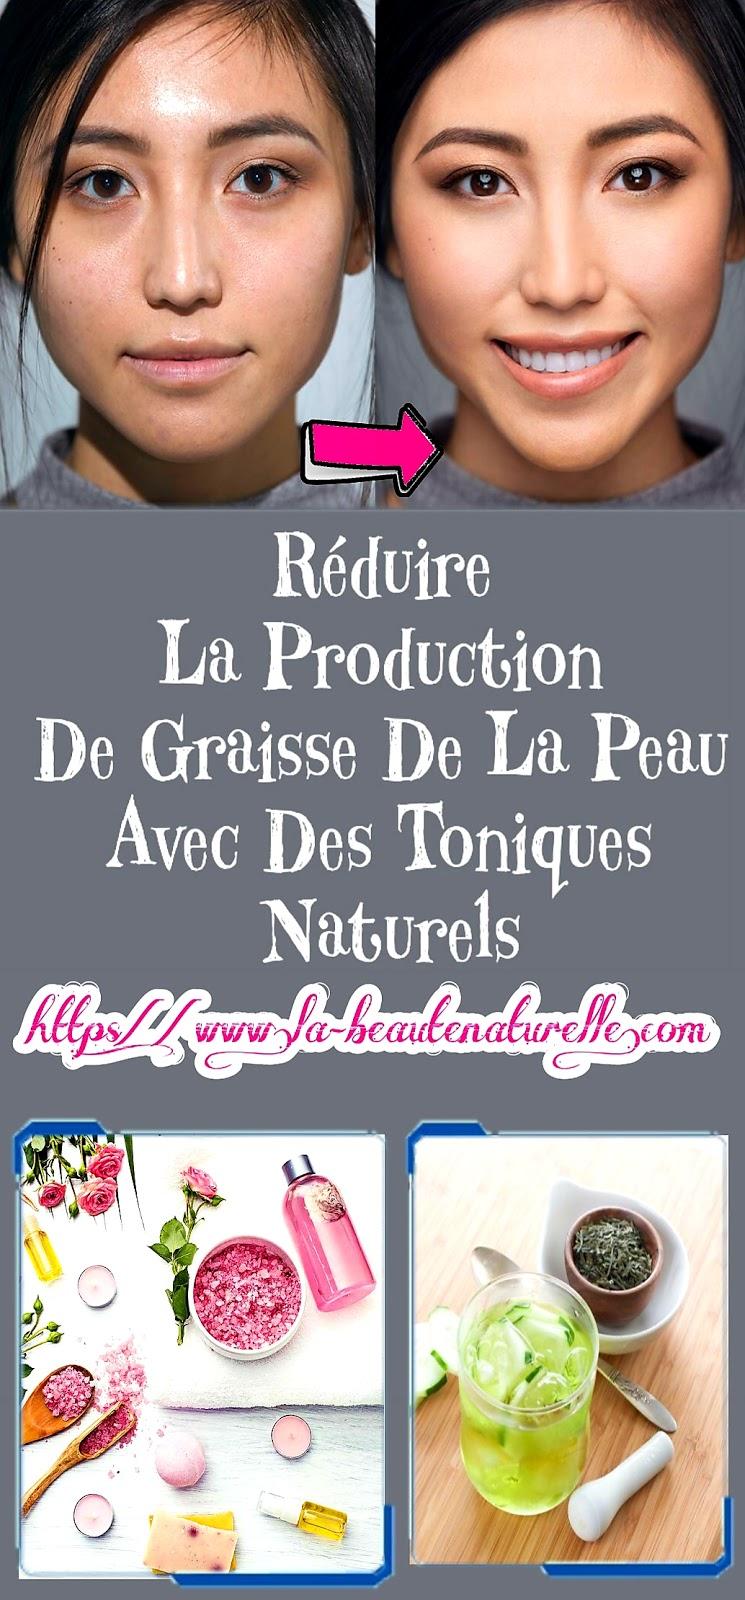 Réduire La Production De Graisse De La Peau Avec Des Toniques Naturels